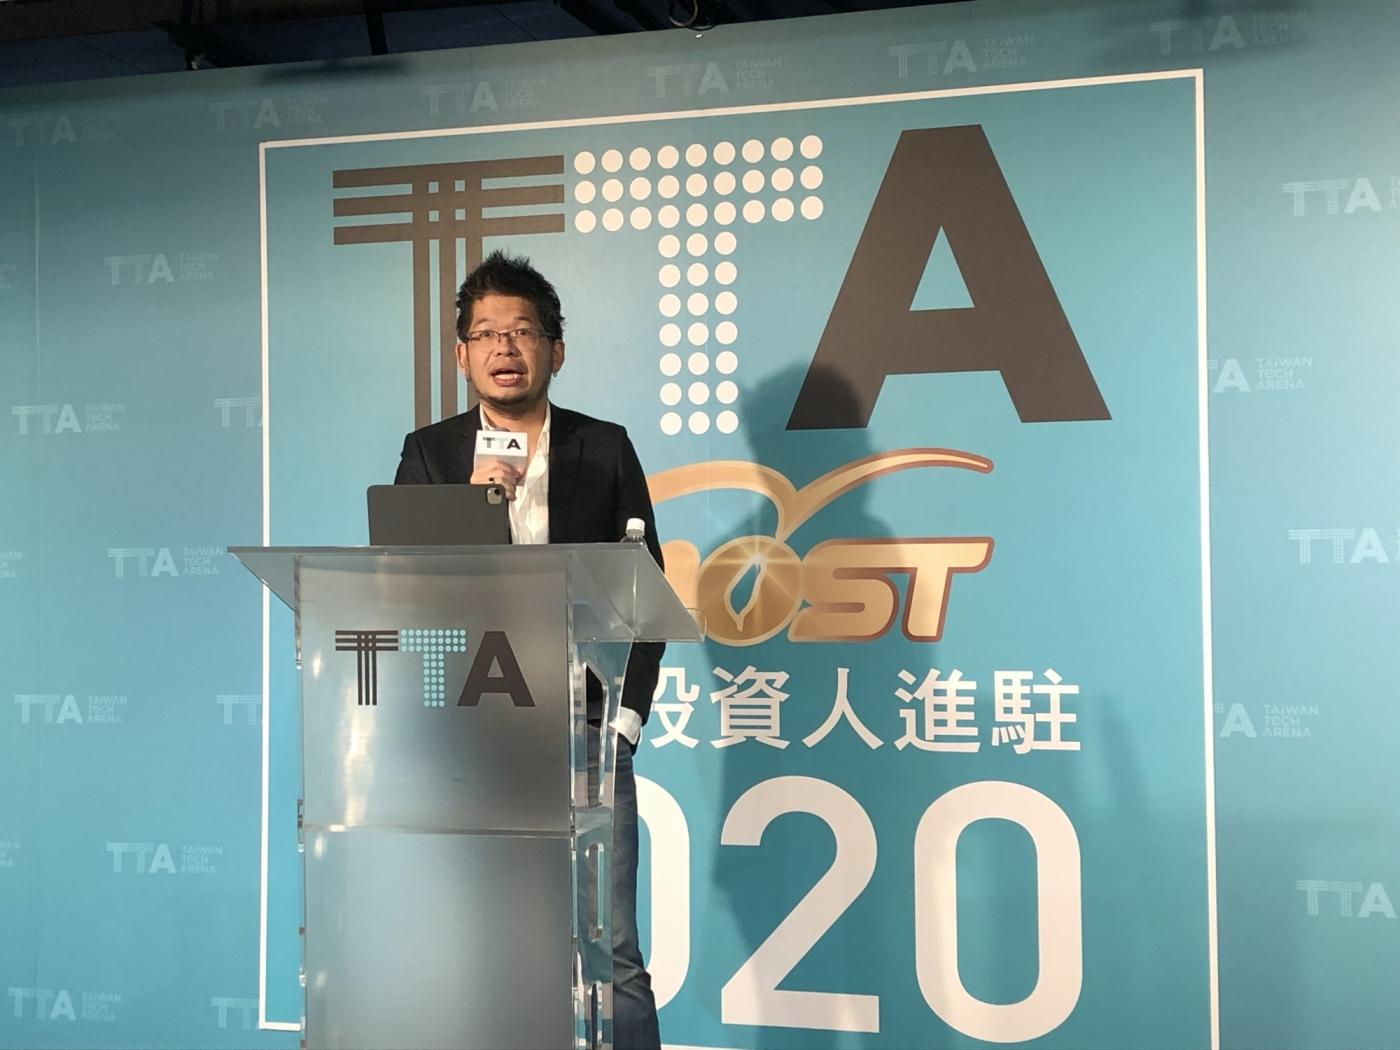 投資經驗破百億美元!YouTube陳士駿等創業家進駐TTA,還要組矽谷台灣幫